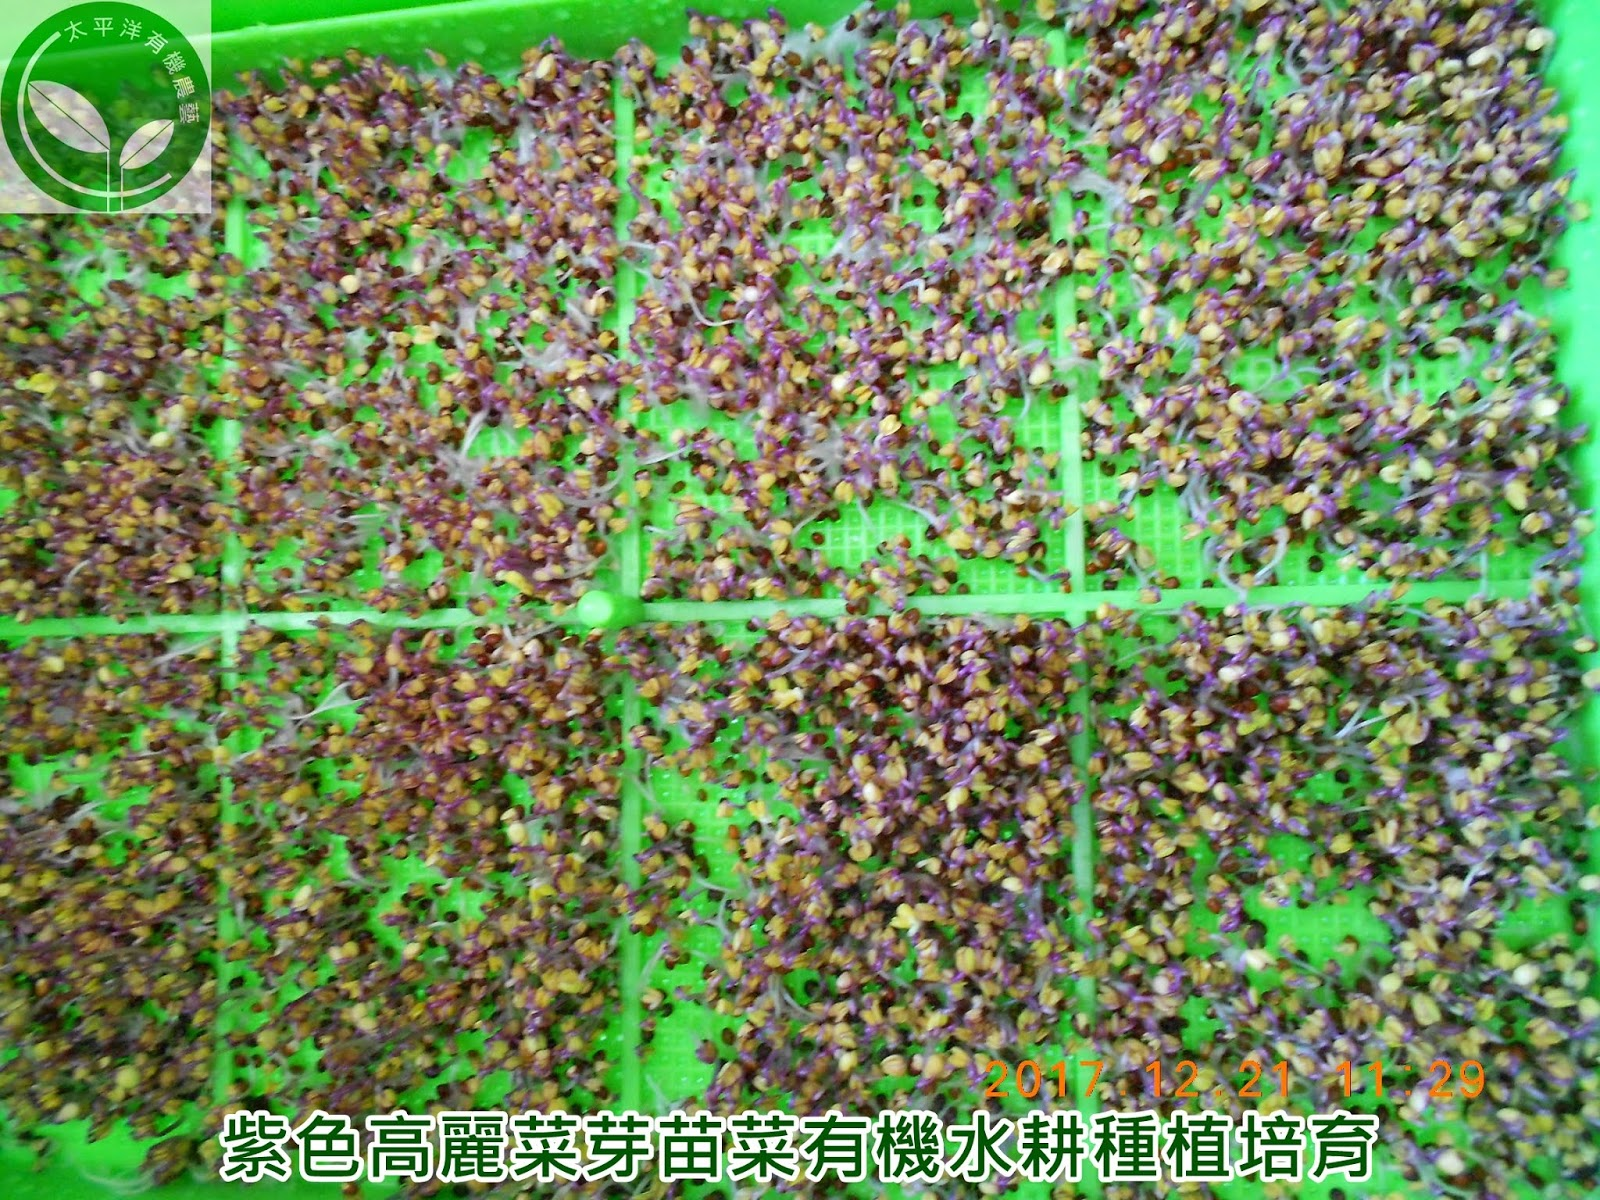 紅高麗,紫高麗菜,紫色高麗菜,紫色甘藍菜,紫高麗菜食譜,紫高麗菜營養,紫椰菜好處,紫甘藍菜,高麗菜種子哪裡買,紅高麗菜